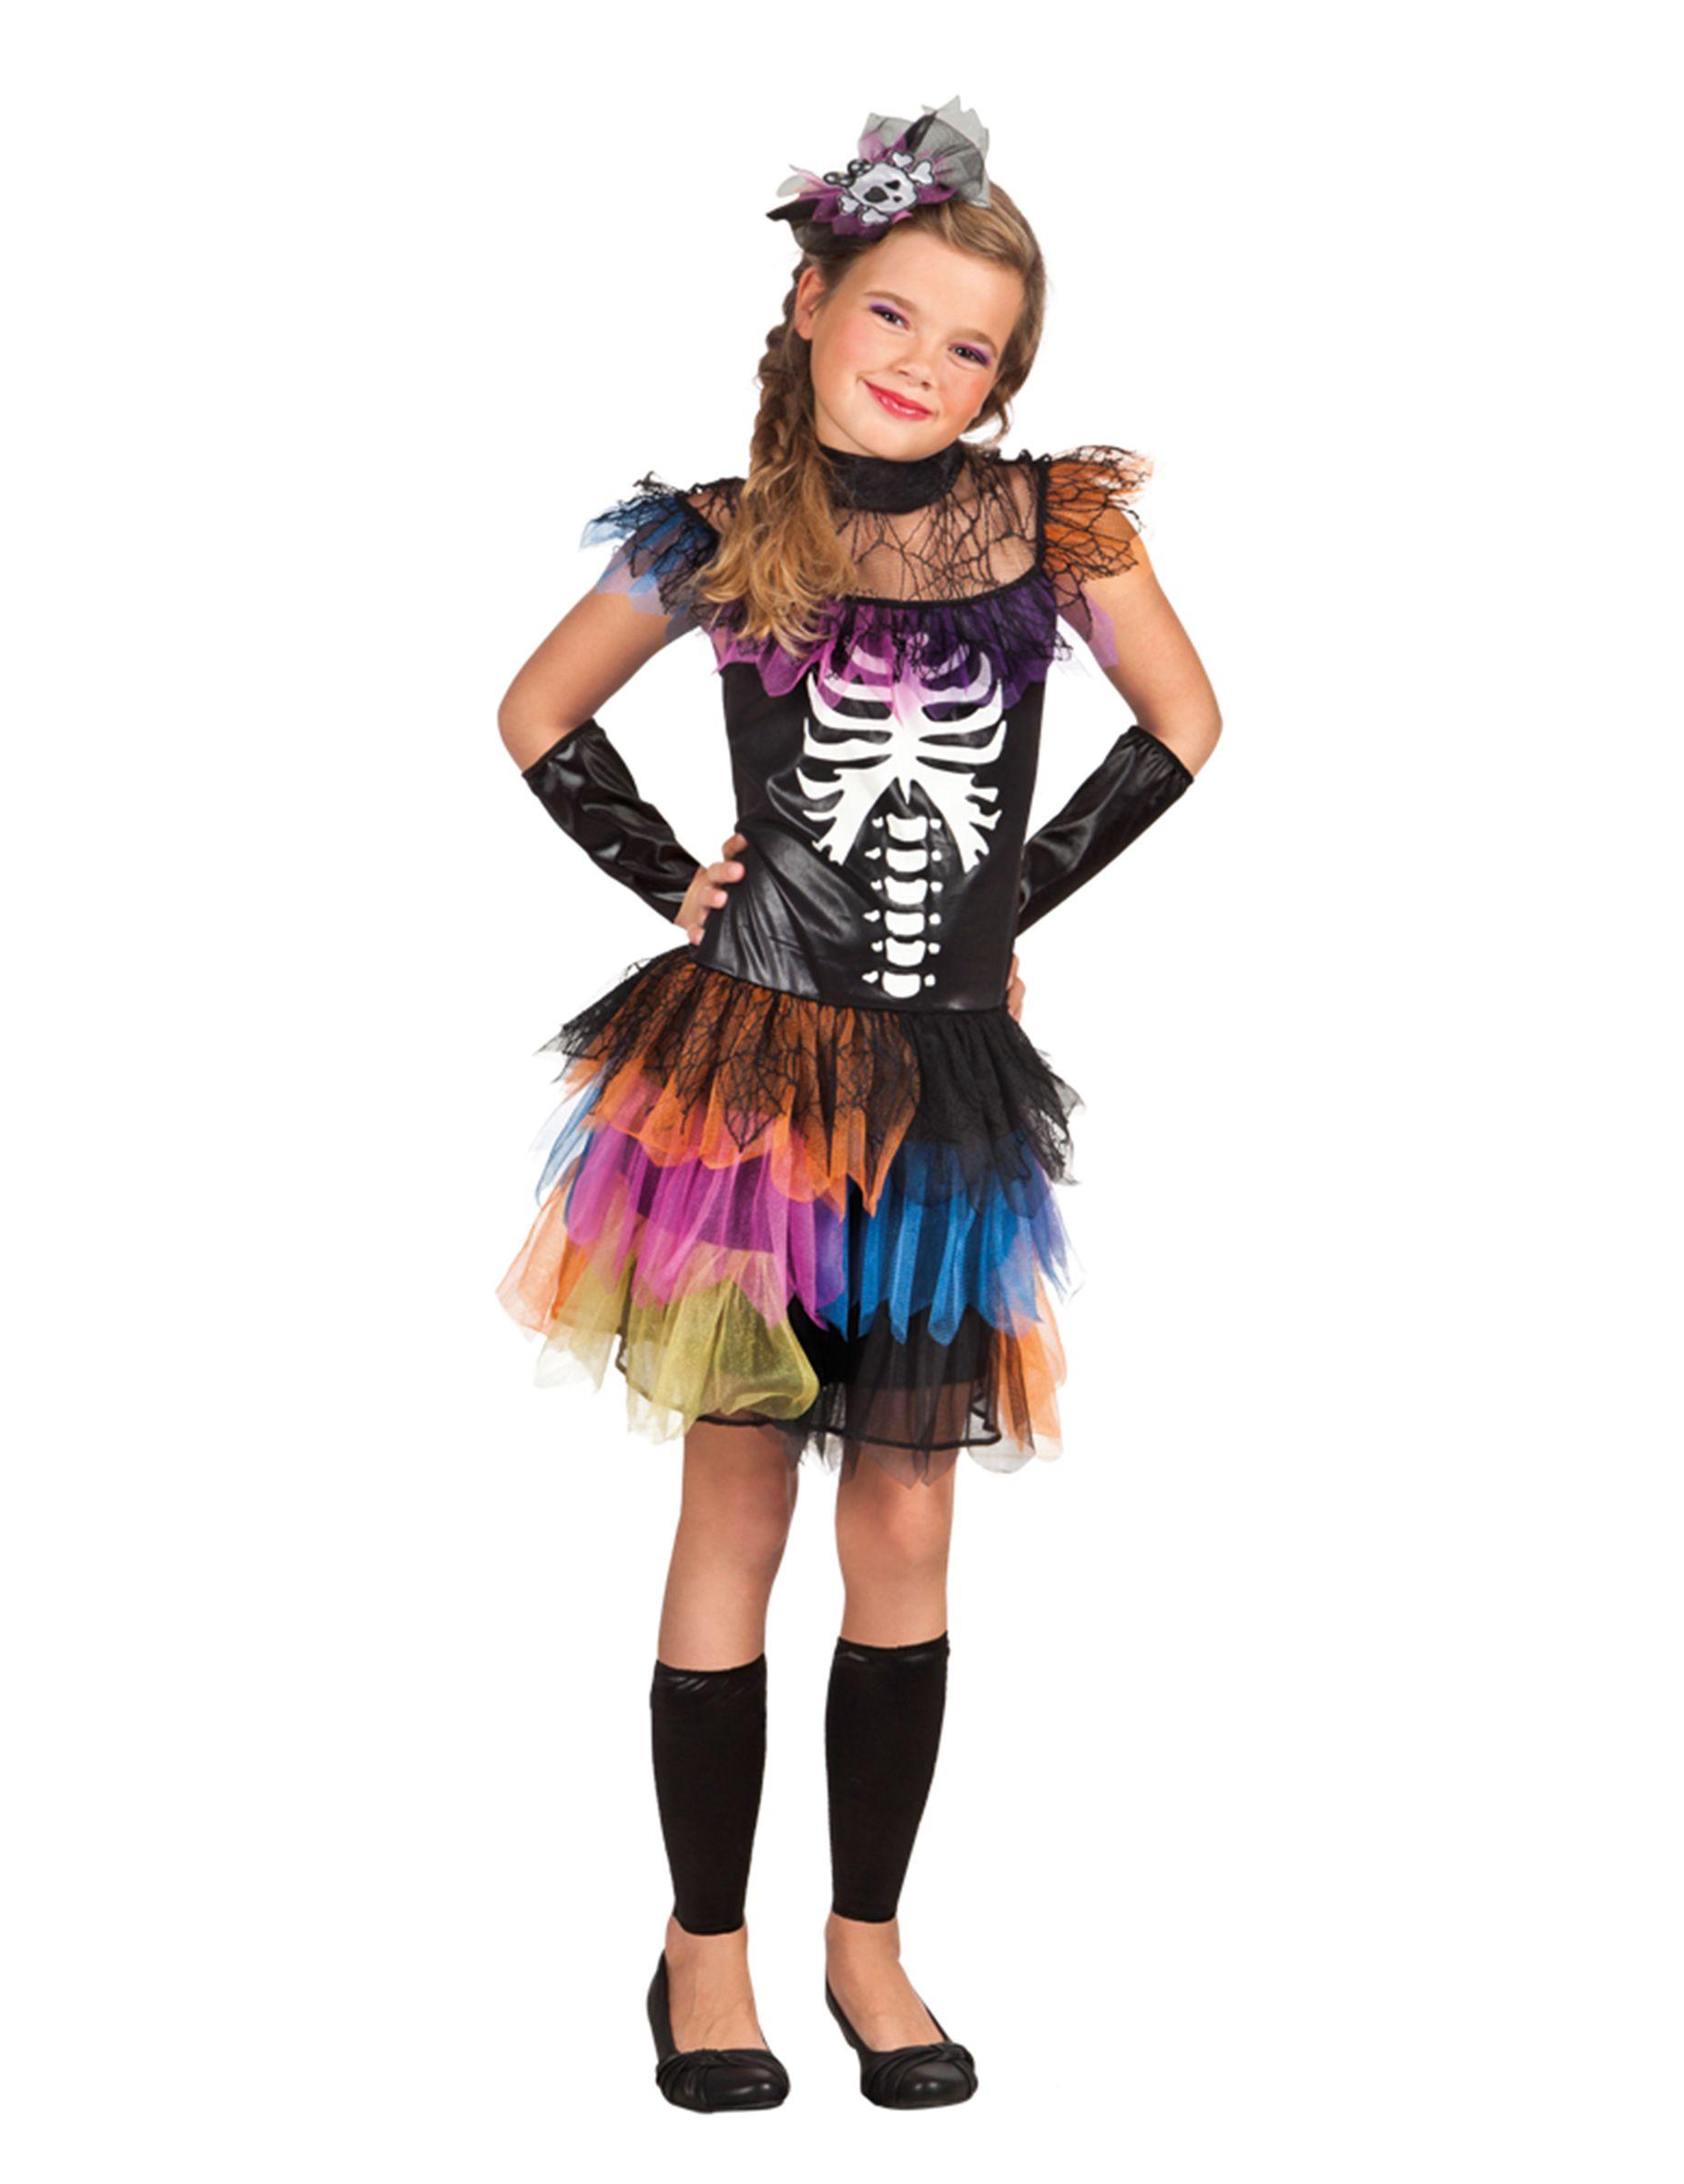 Disfraz de esqueleto tutú colores niña Halloween | Disfraz de ...